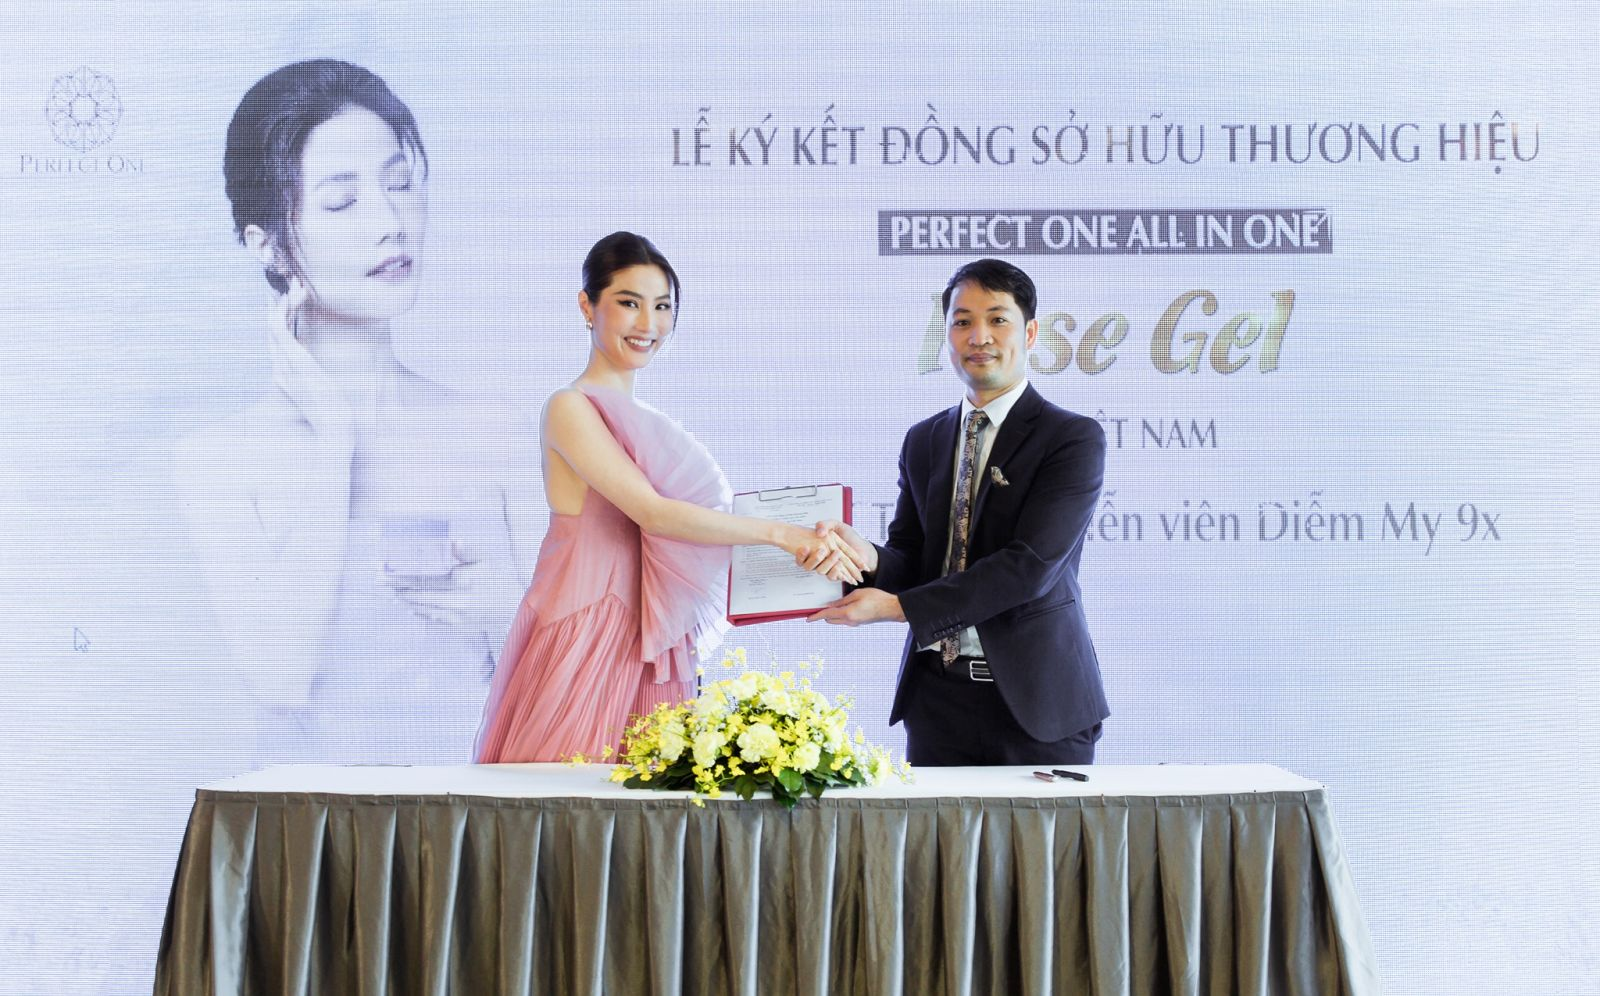 Diễm My 9X mở rộng hợp tác kinh doanh, đồng sở hữu thương hiệu PERFECT ONE Rose Gel của Nhật Bản tại Việt Nam